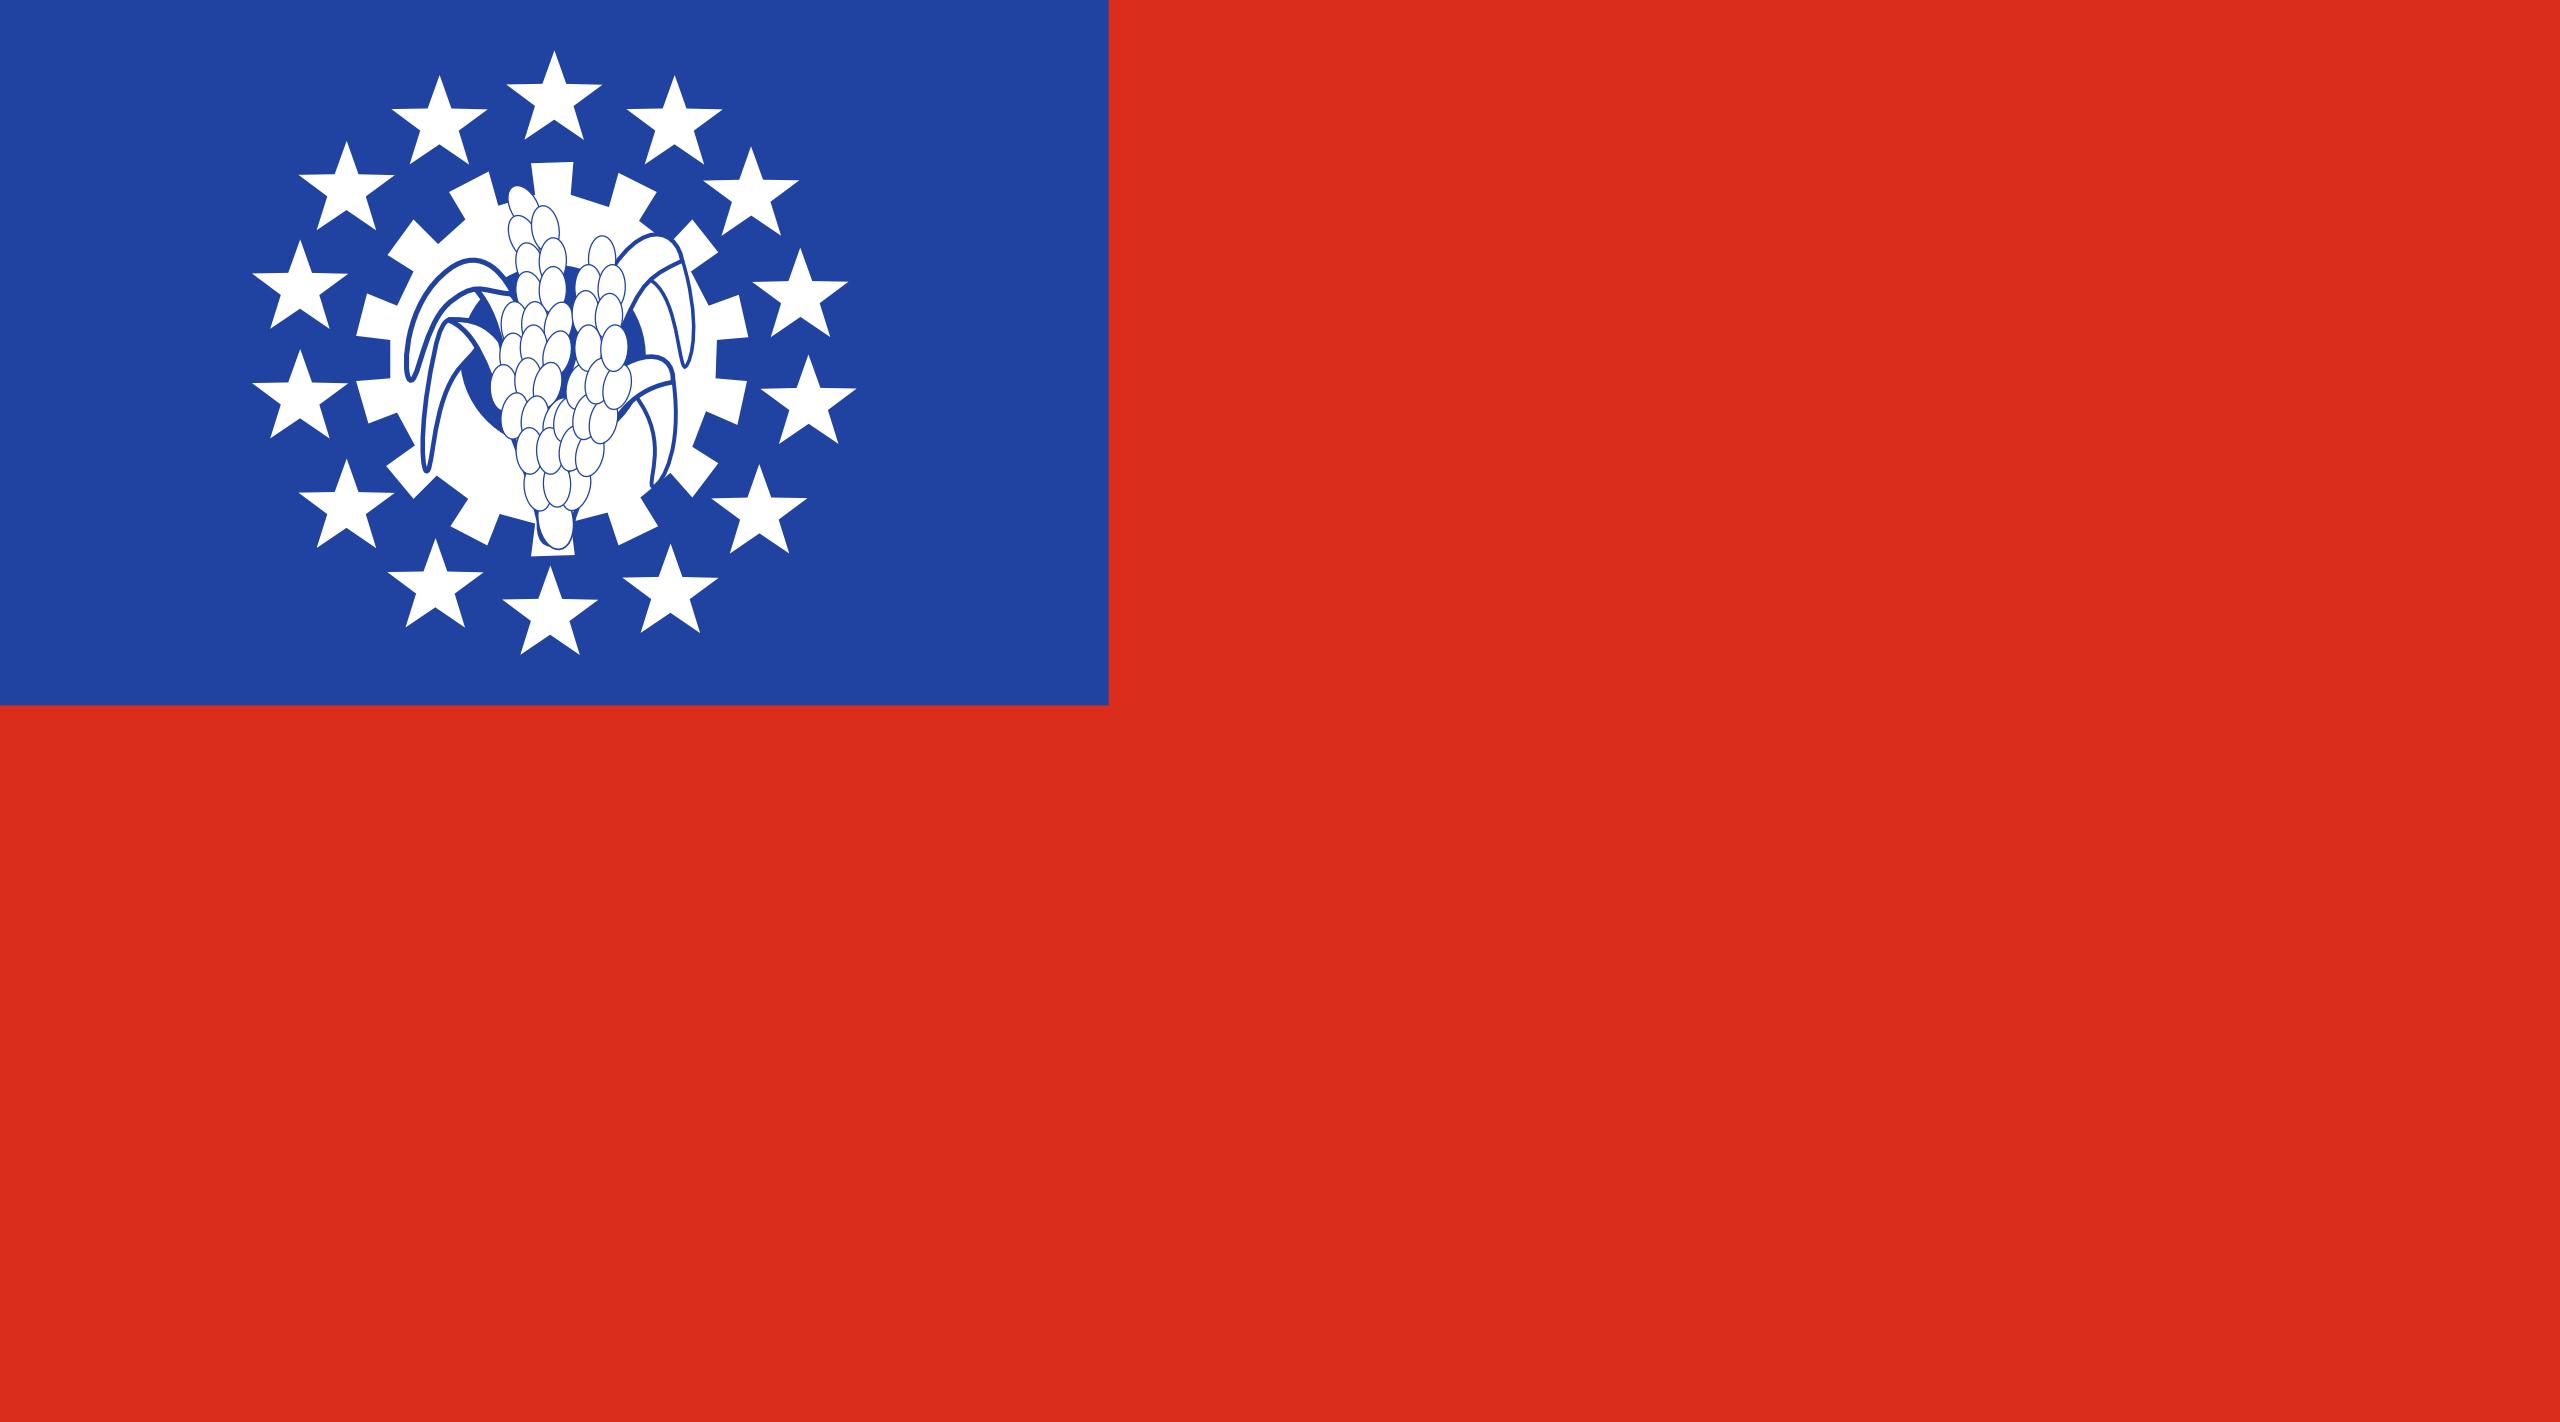 Βιρμανία, χώρα, έμβλημα, λογότυπο, σύμβολο - Wallpapers HD - Professor-falken.com